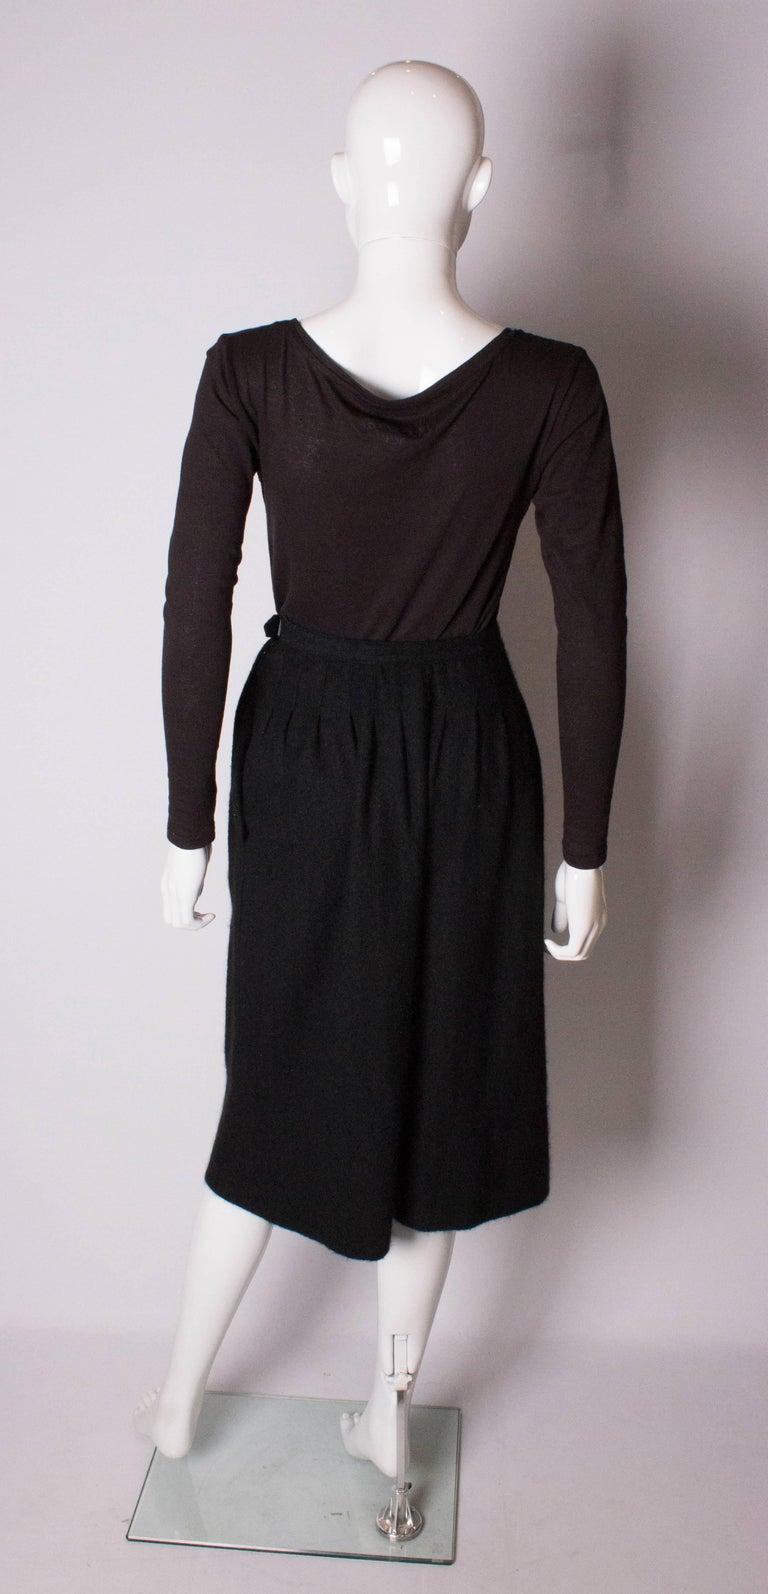 Yves Saint Laurent Vintage Rive Gauche Cashmere Skirt For Sale 1